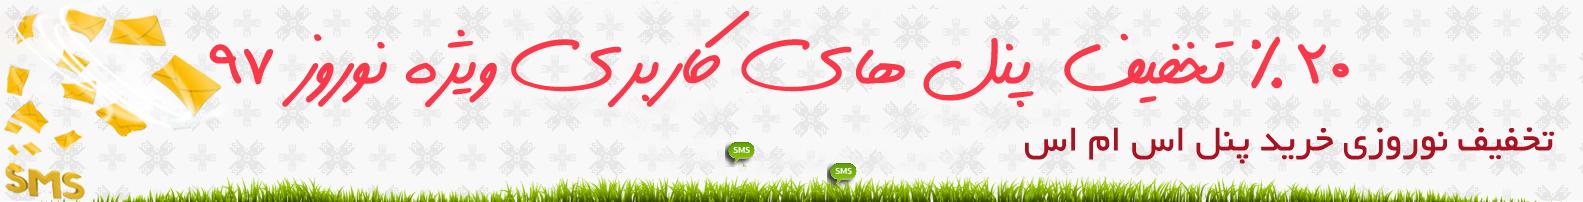 √ ۲۰ درصد تخفیف جشنواره نوروزی دیتا پیامک